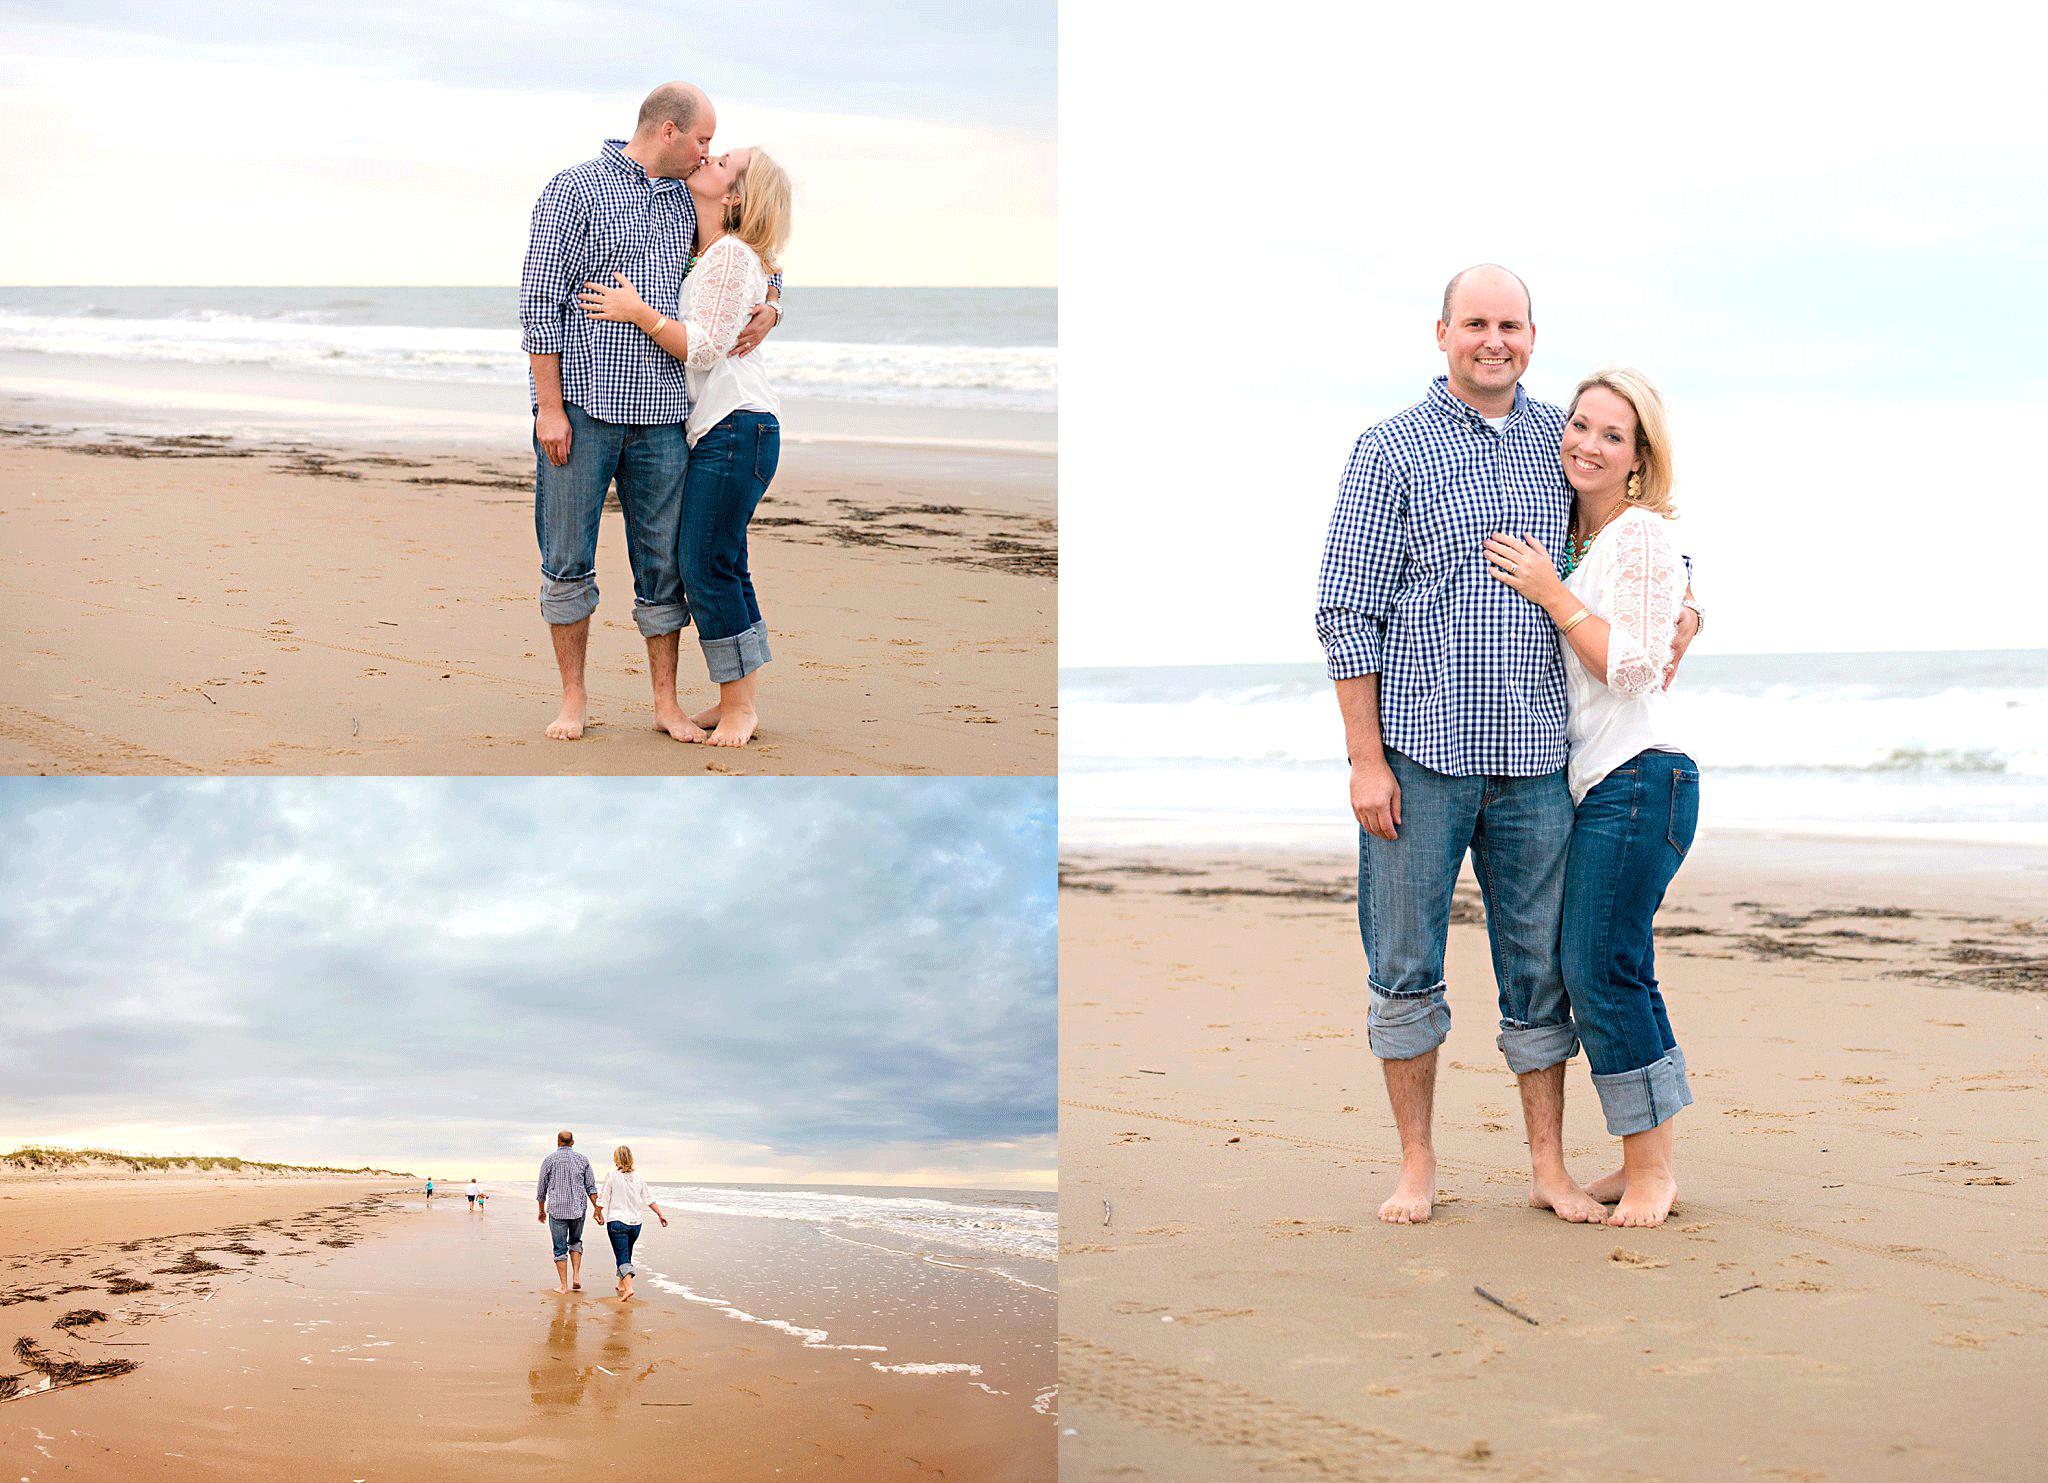 couple-photos-on-the-beach-melissa-bliss-photography-virginia-beach-photographers-sandbridge-photographer.png